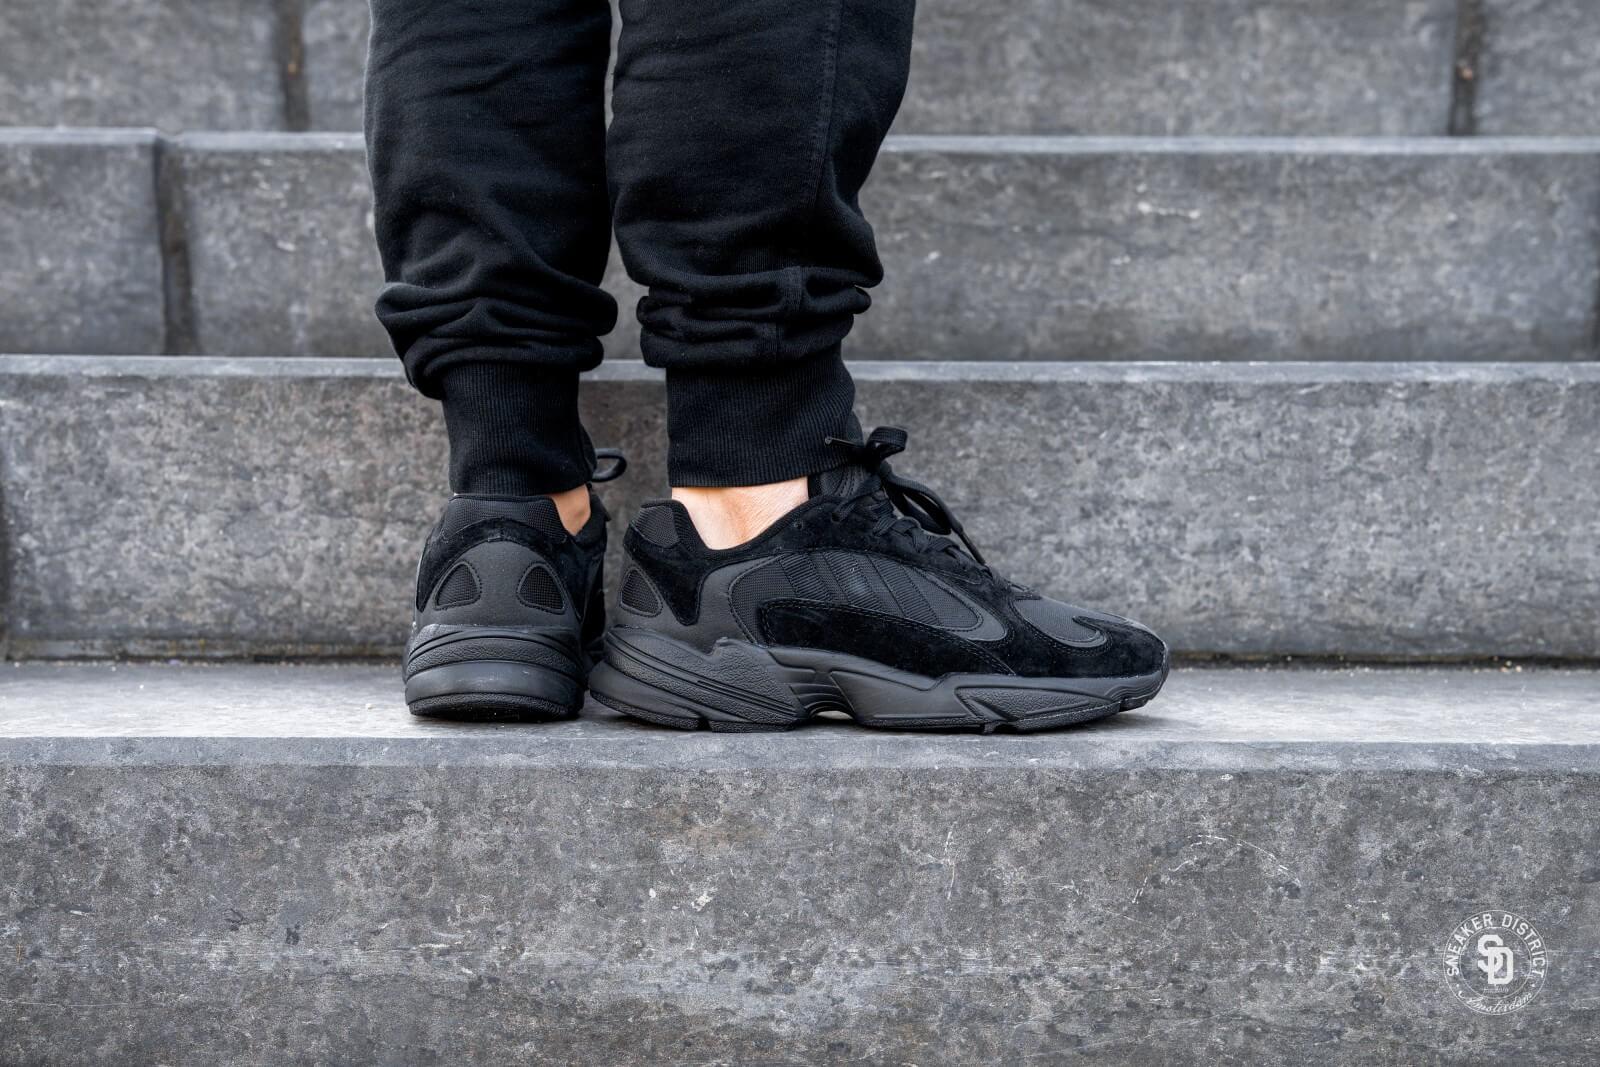 Adidas Yung 1 Core BlackCarbon G27026